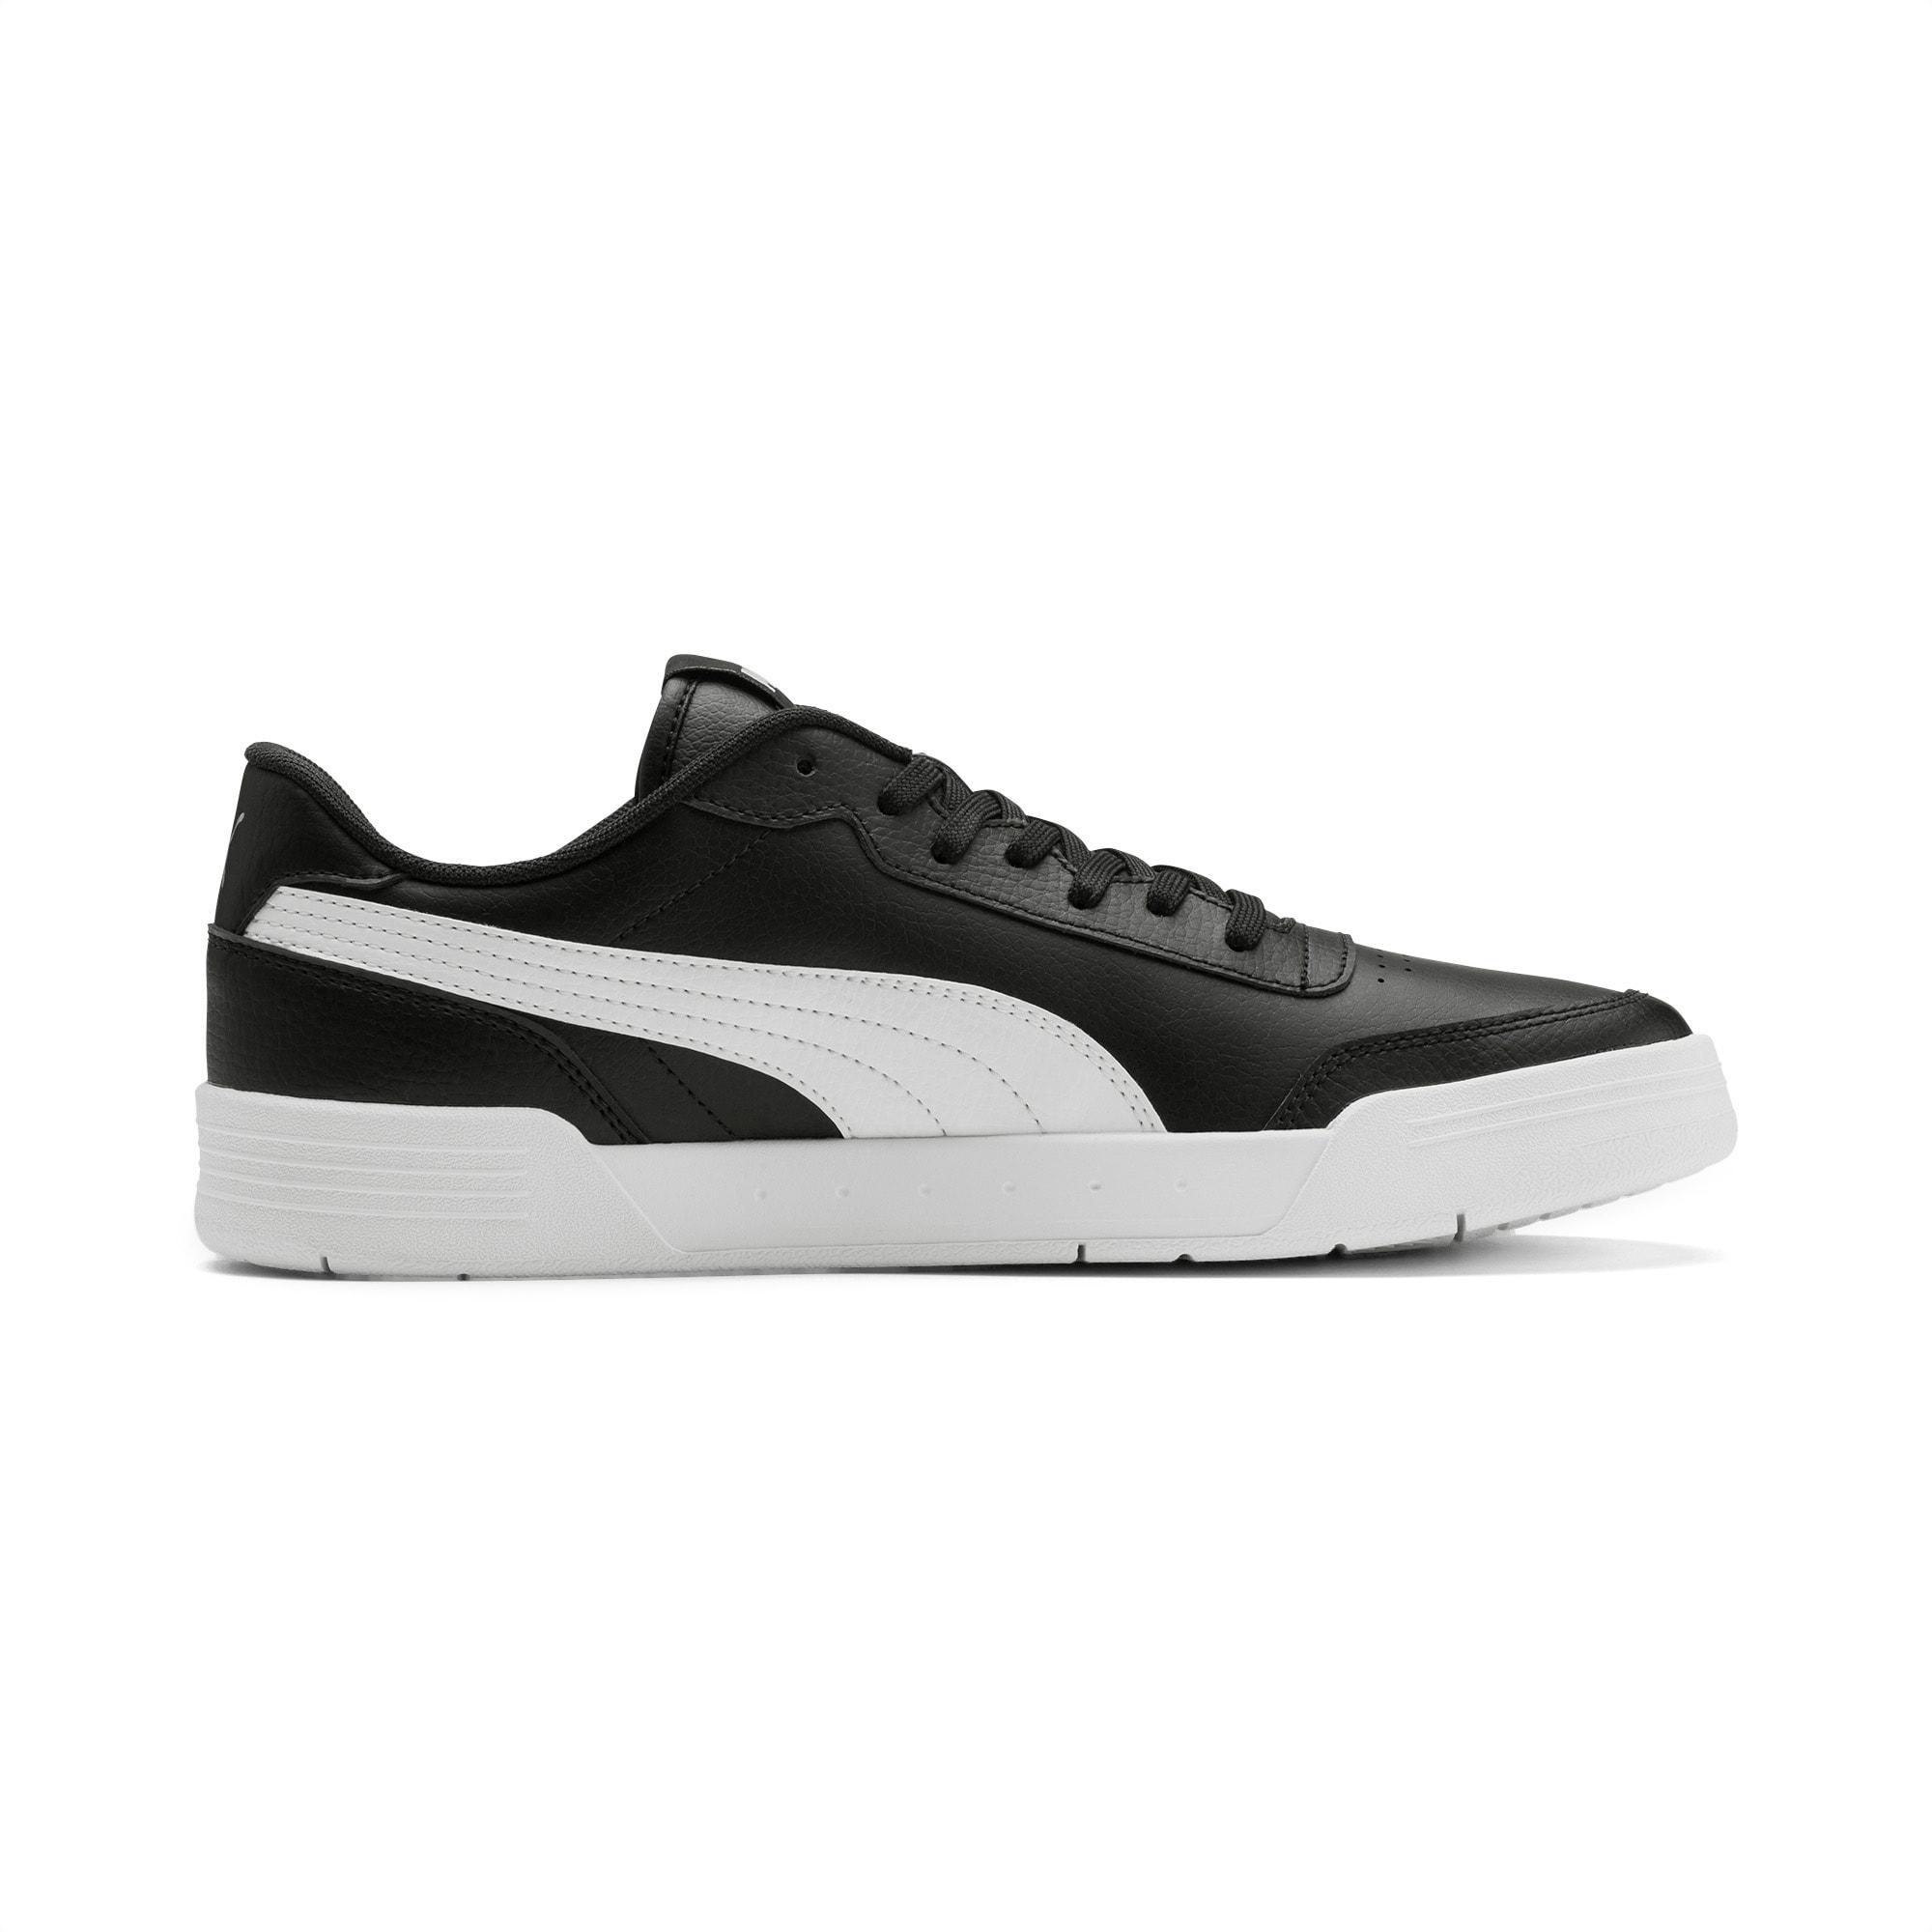 Caracal Men's Sneakers   PUMA US